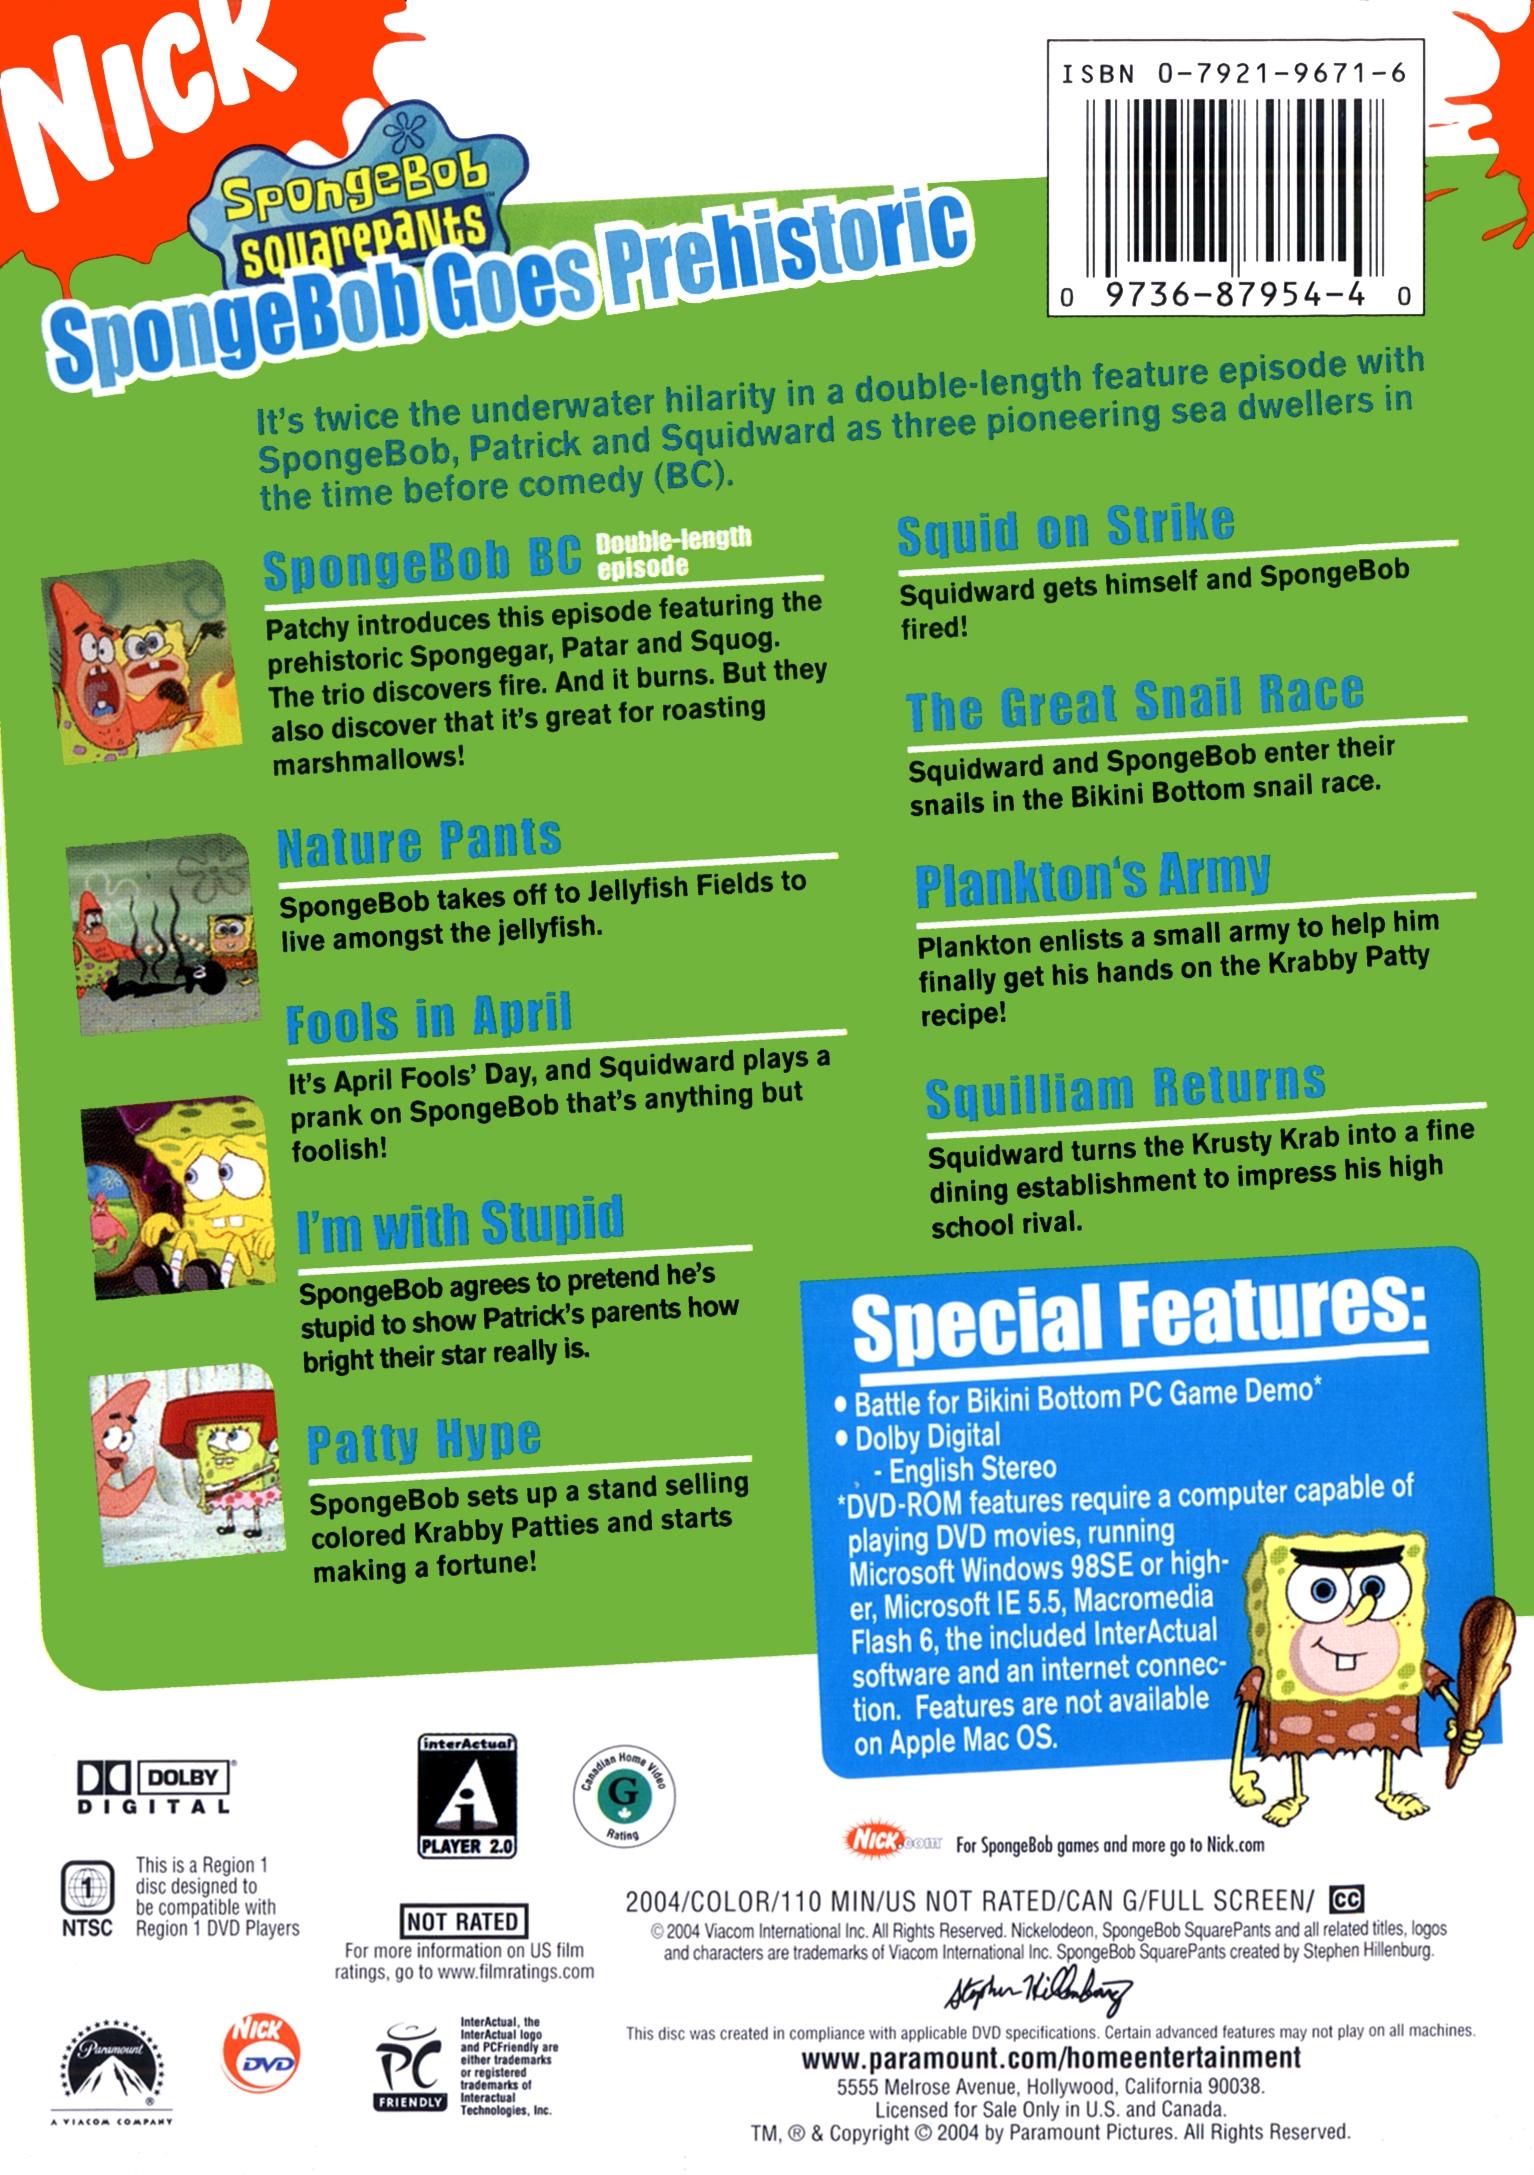 Spongebob Goes Prehistoric Dvd Back Cover Jpg